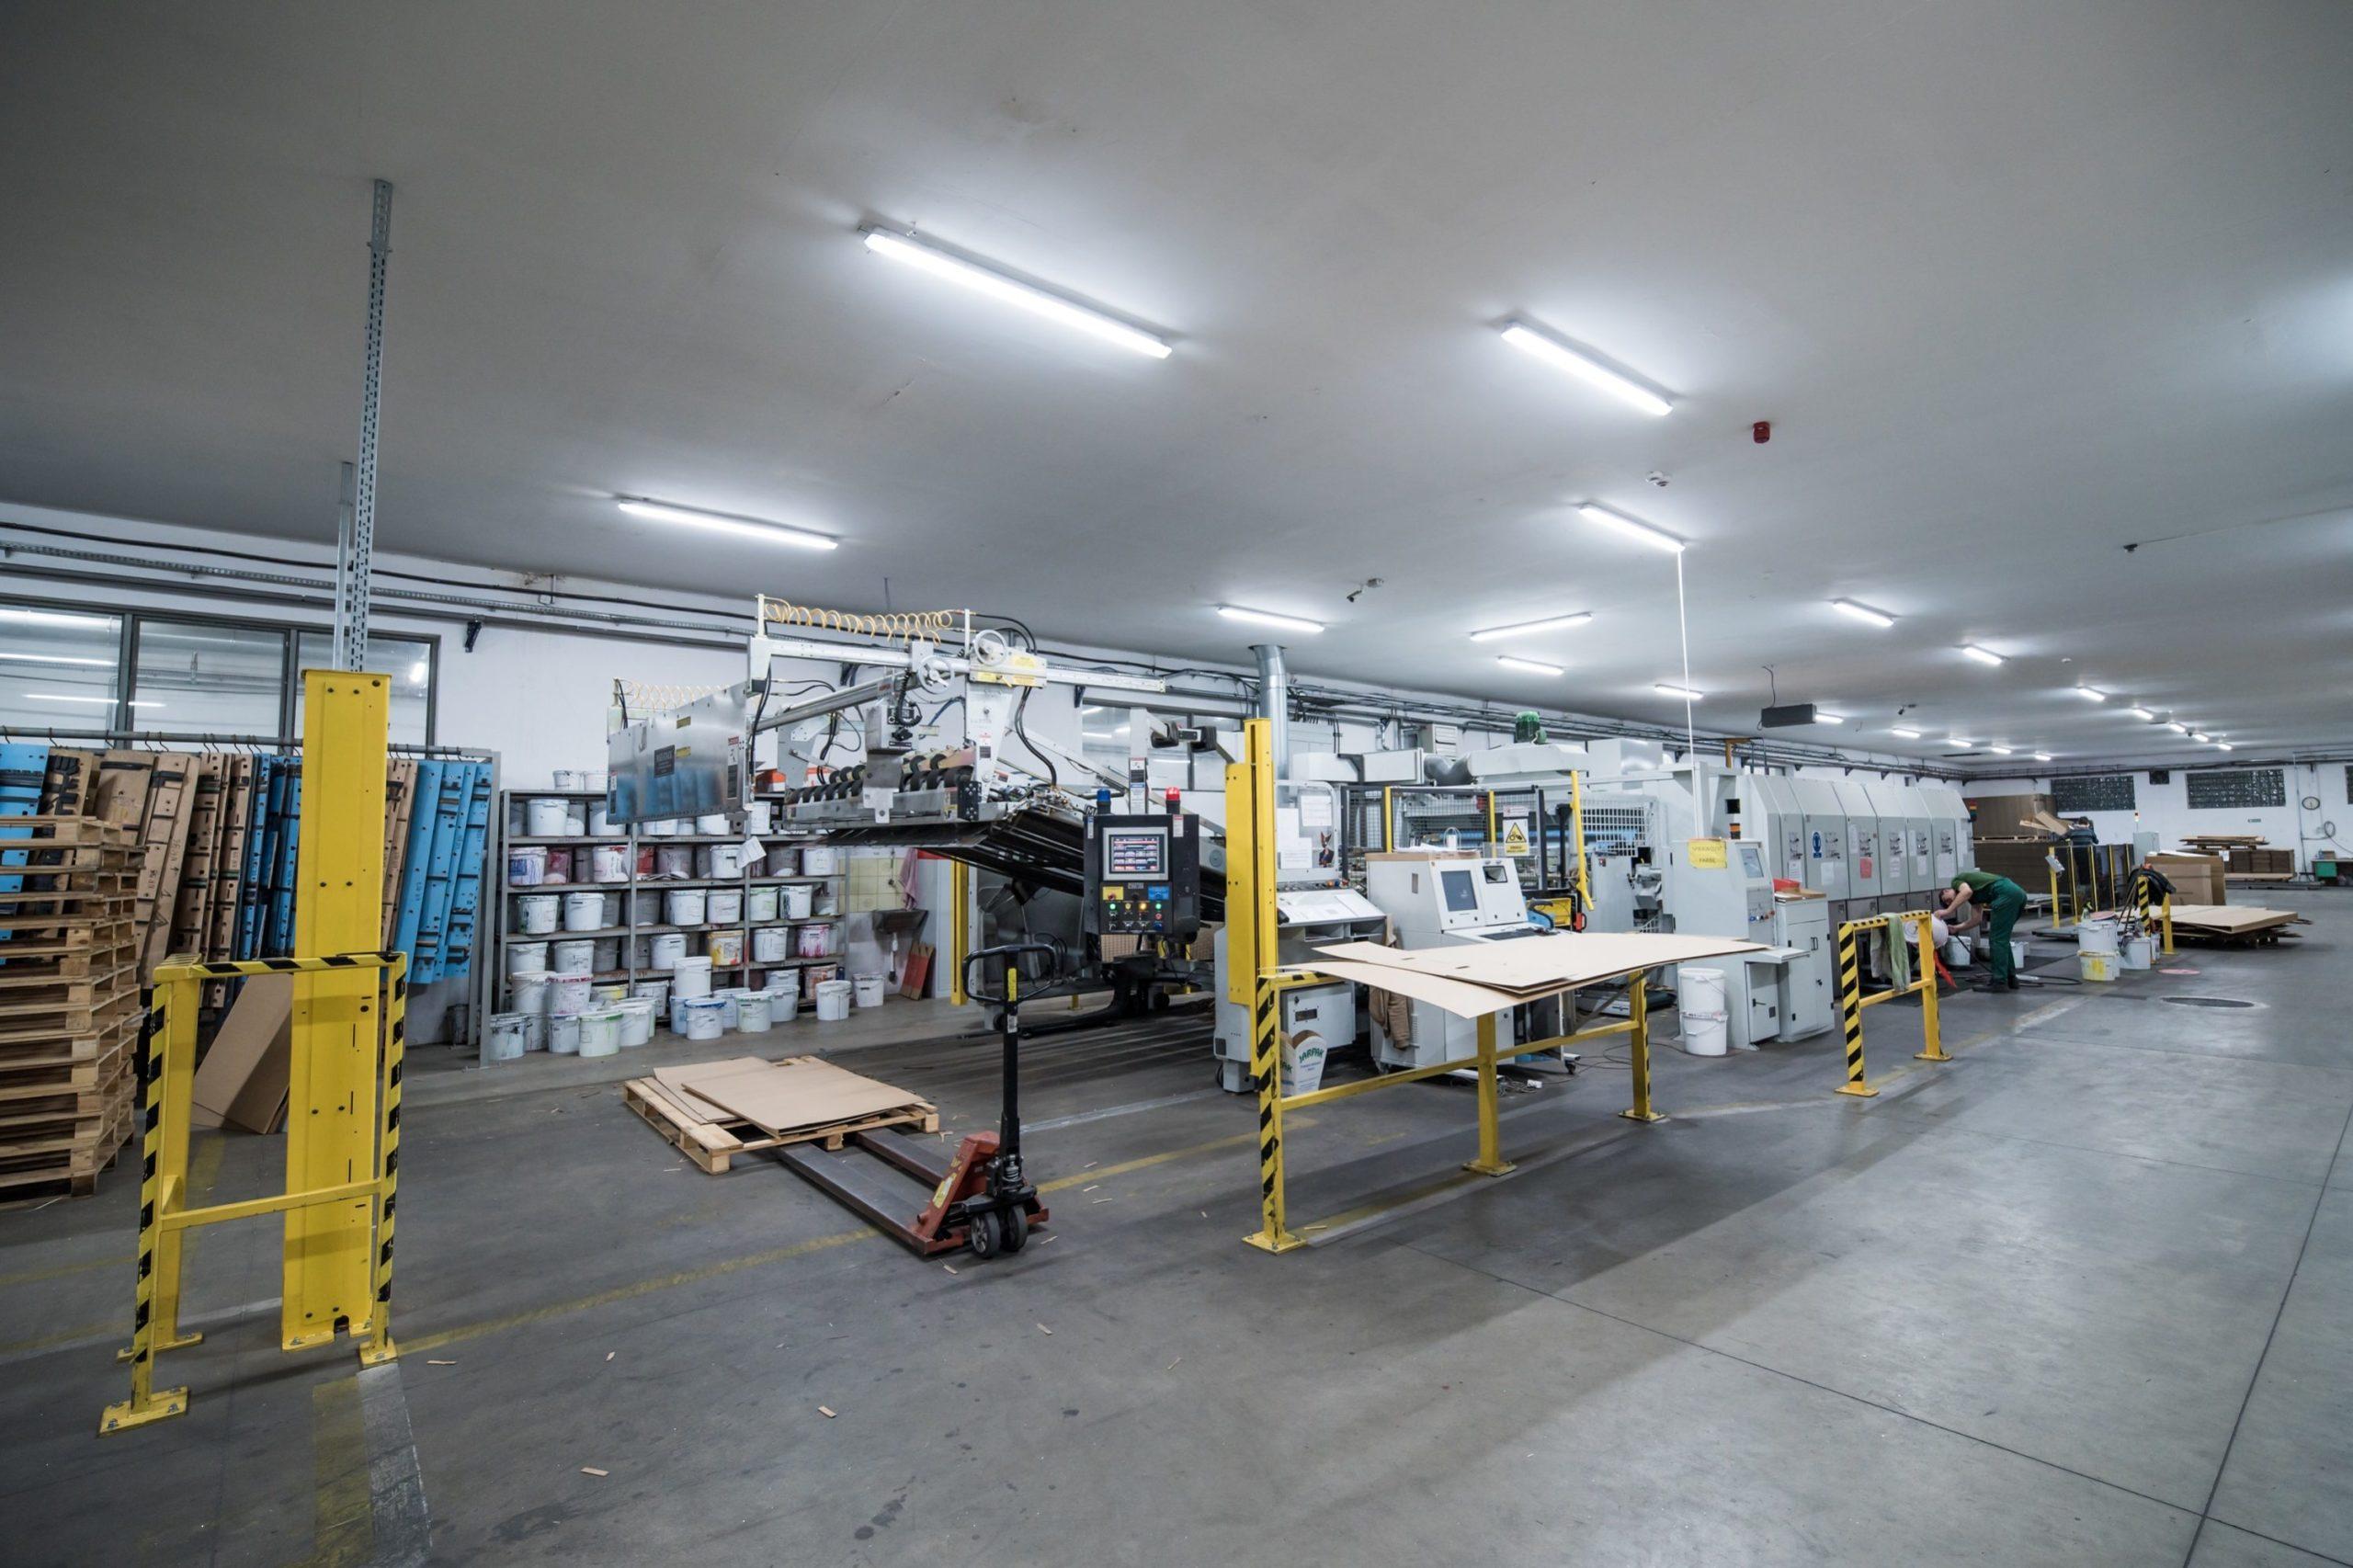 Hala produkcyjna firmy Jarpak z oprawami przemysłowymi Industrial - Luxon LED